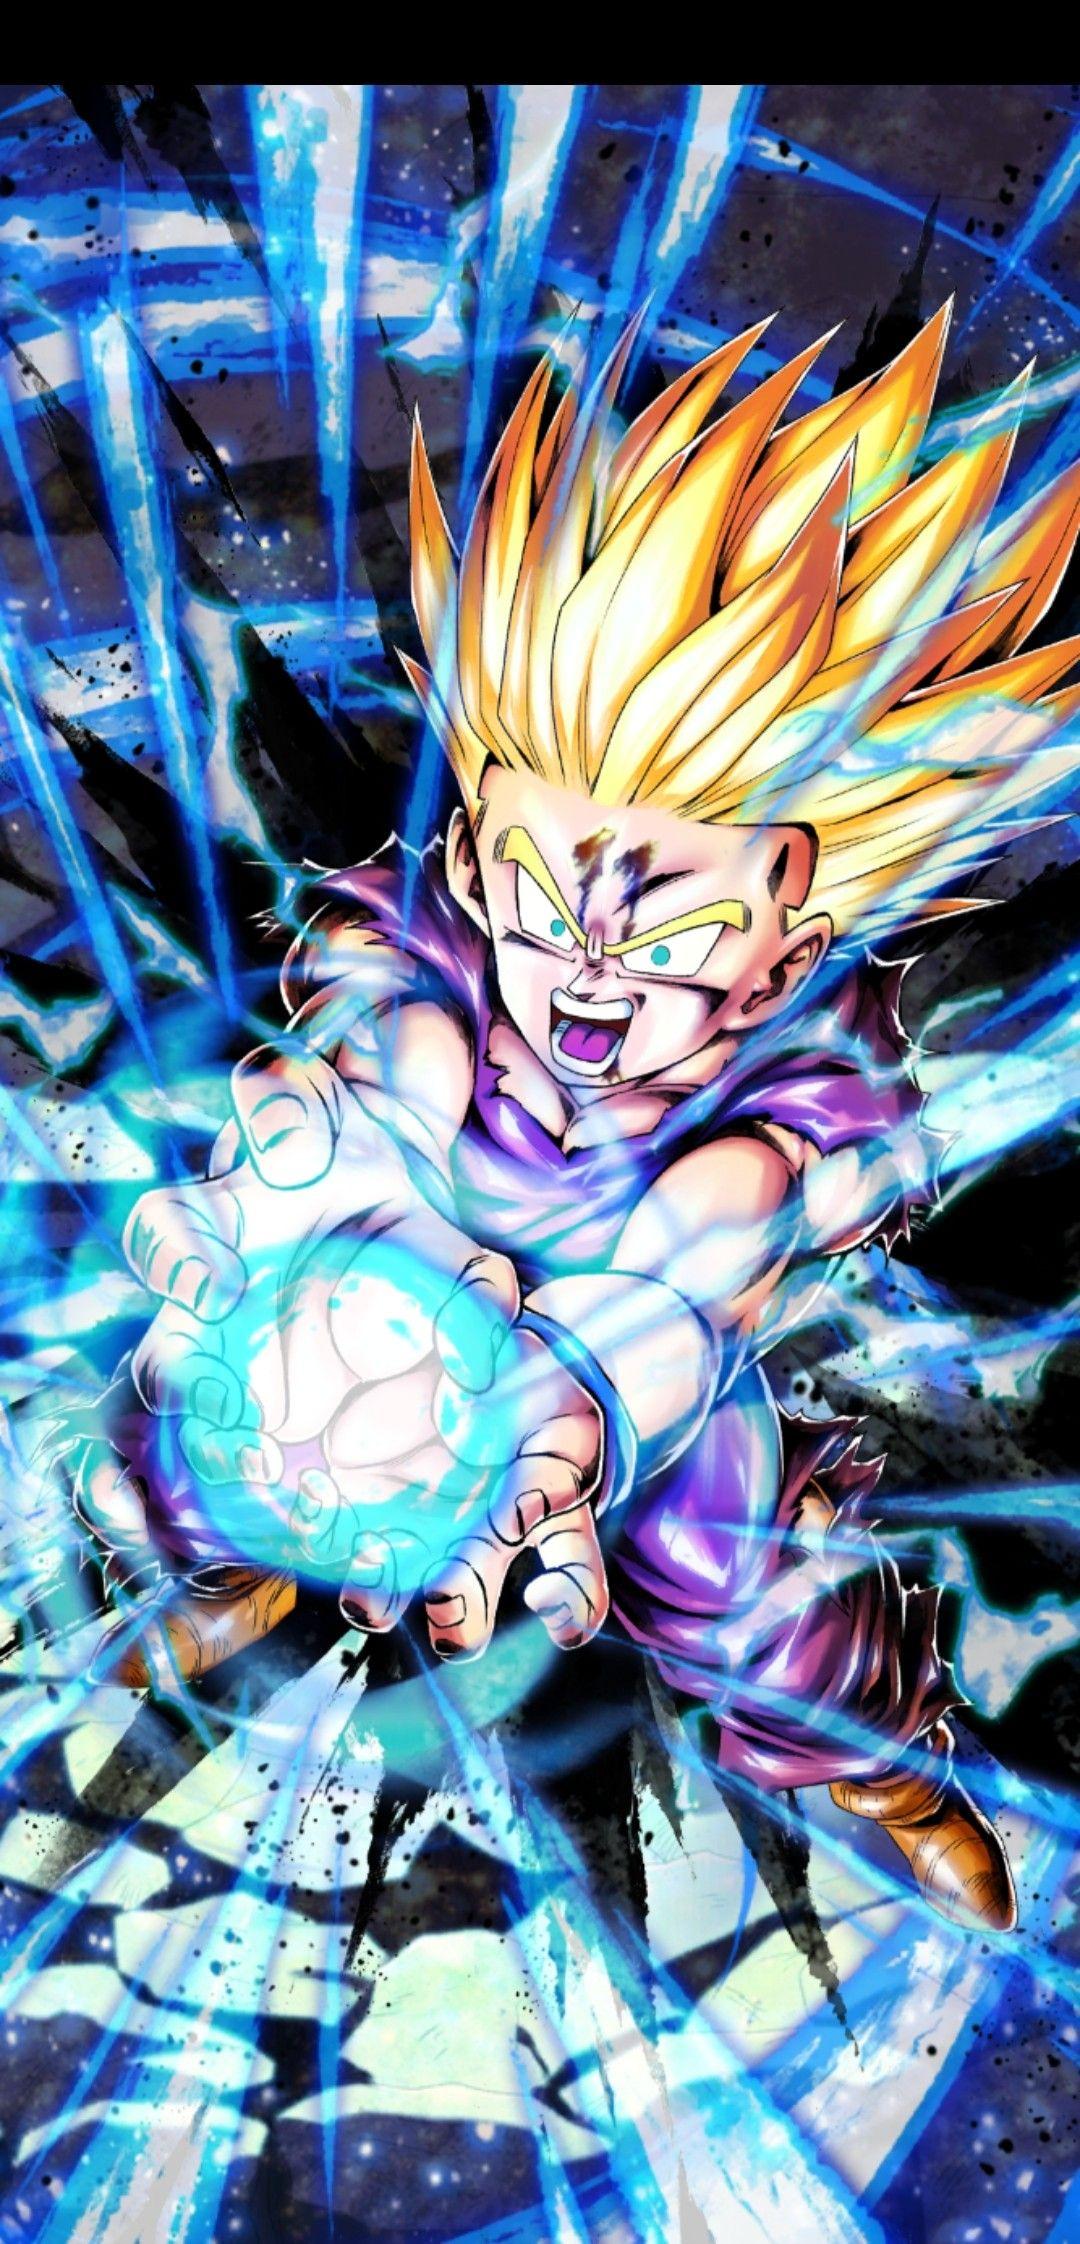 Gohan Ssj F2 Dragon Ball Artwork Anime Dragon Ball Super Dragon Ball Wallpapers